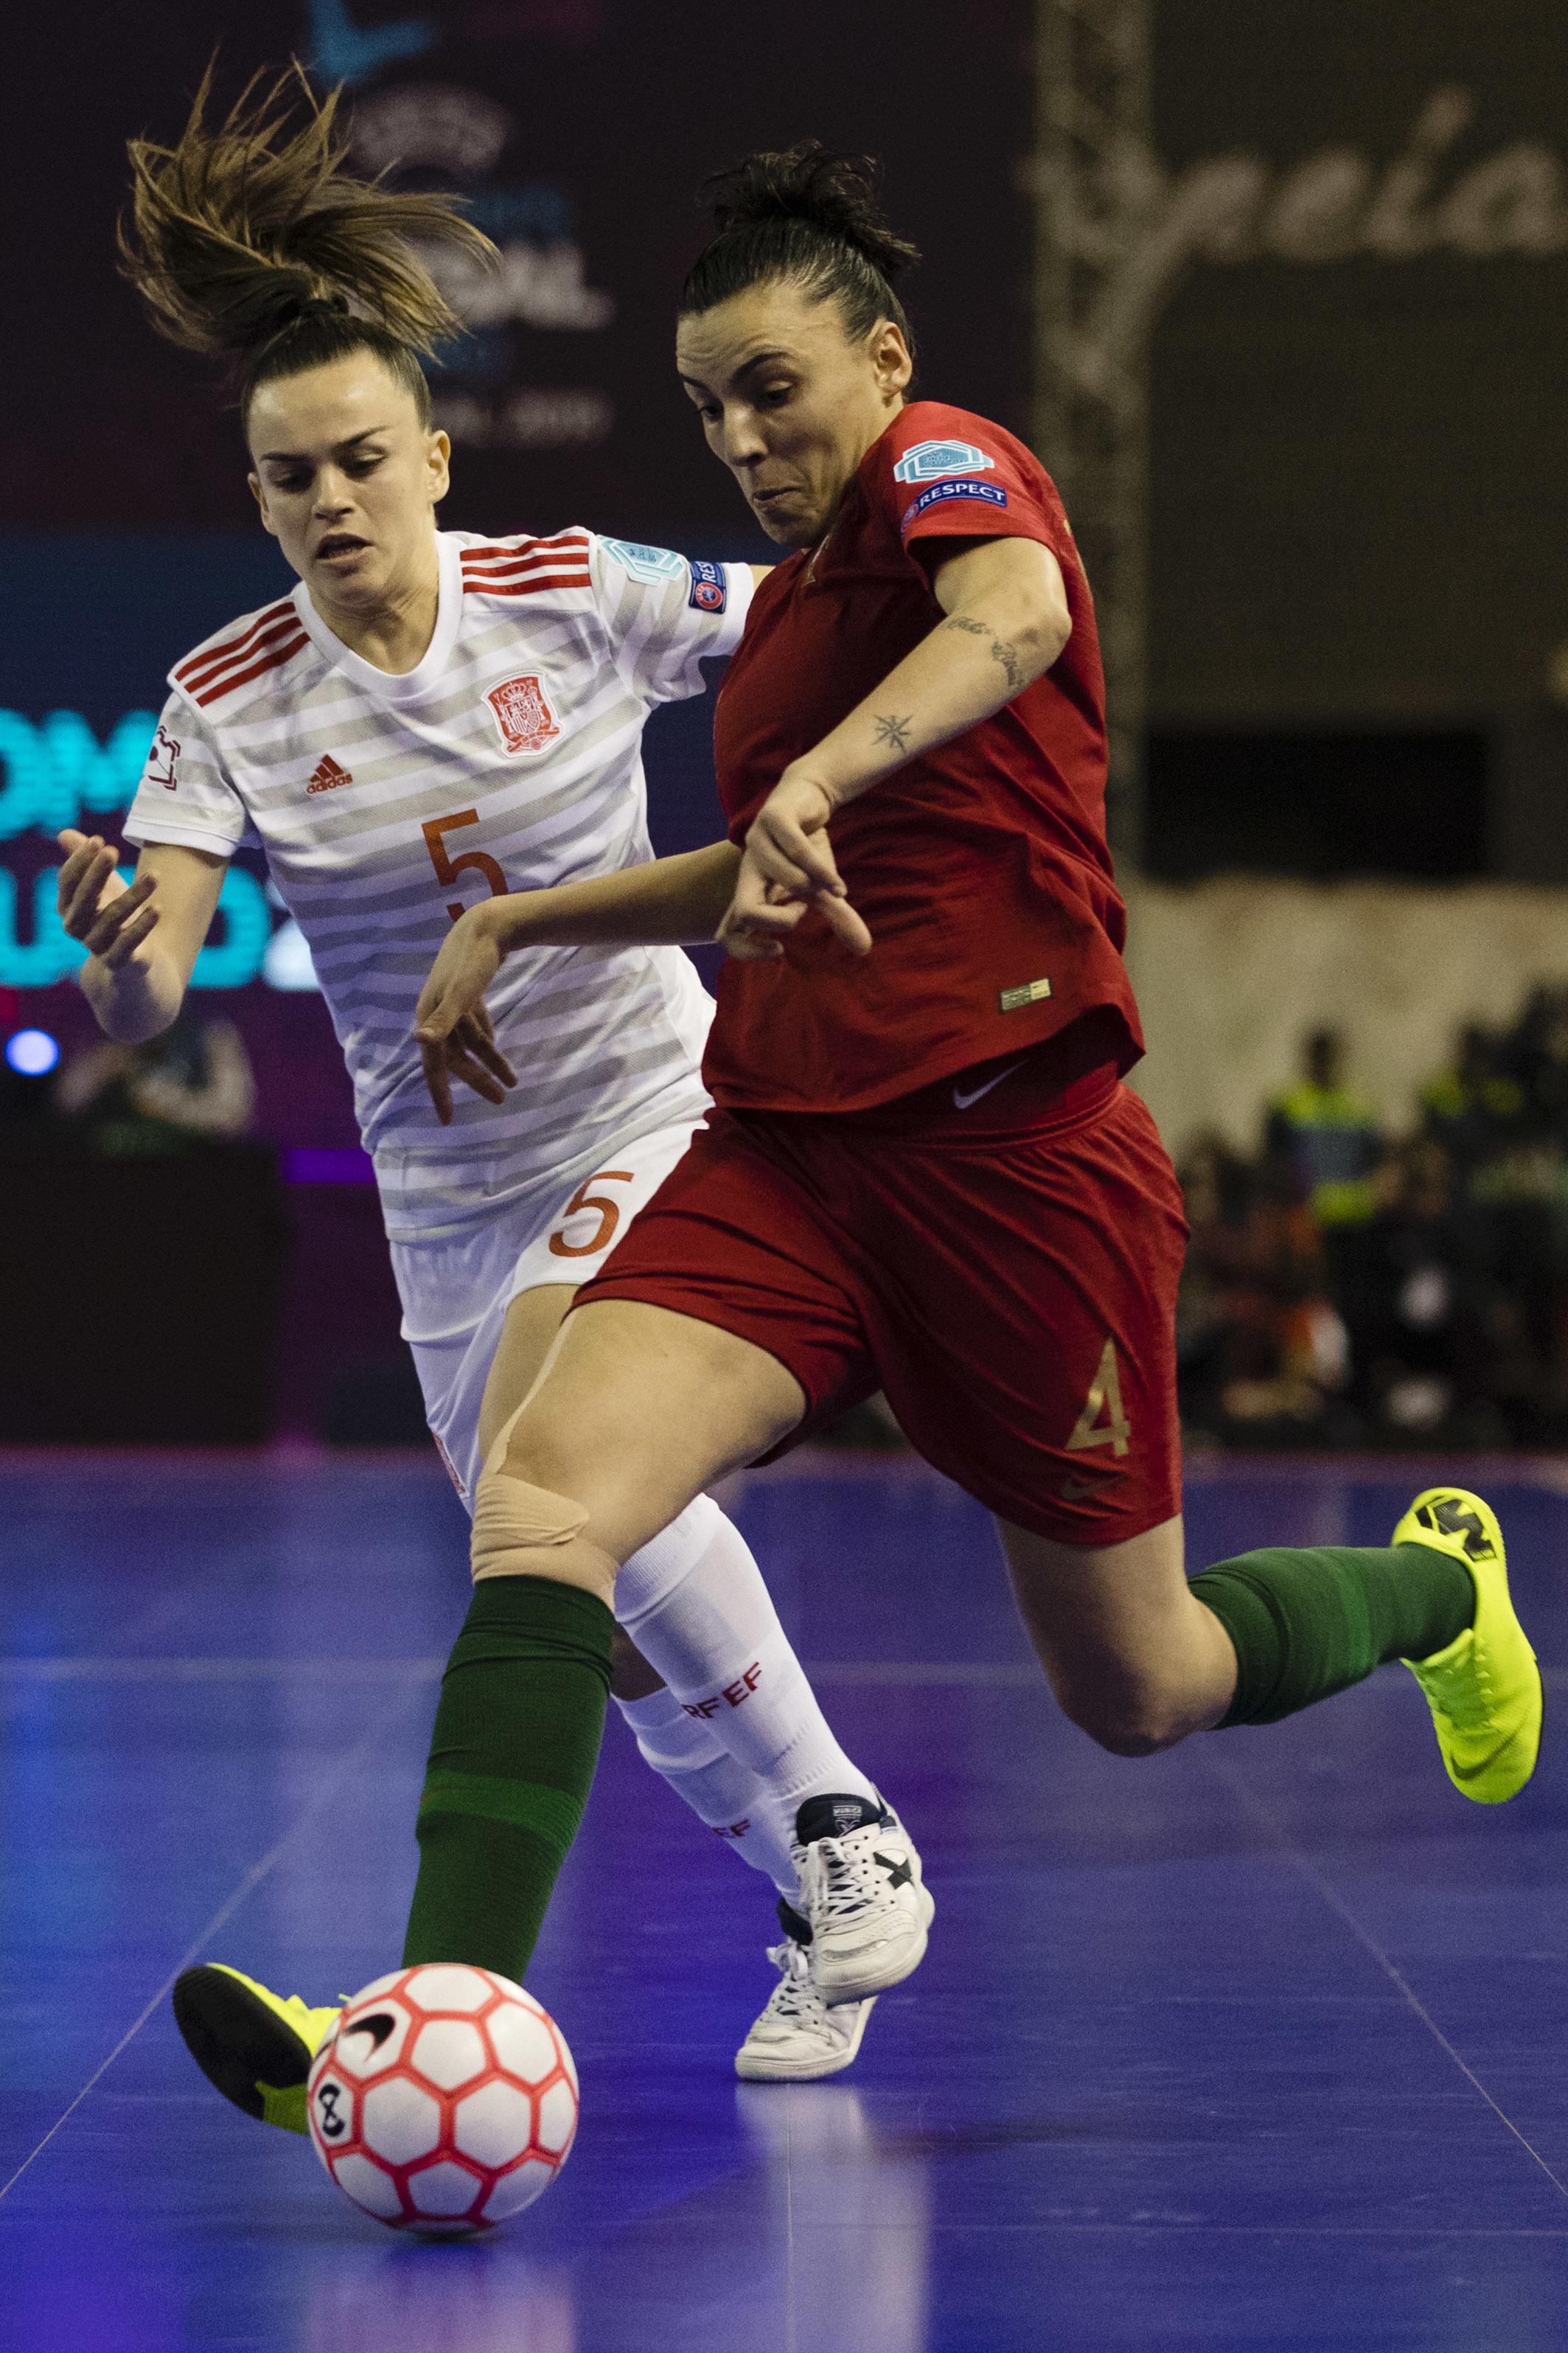 Selecionador justifica derrota no Euro de Futsal com estado psicológico ef795e258a11e